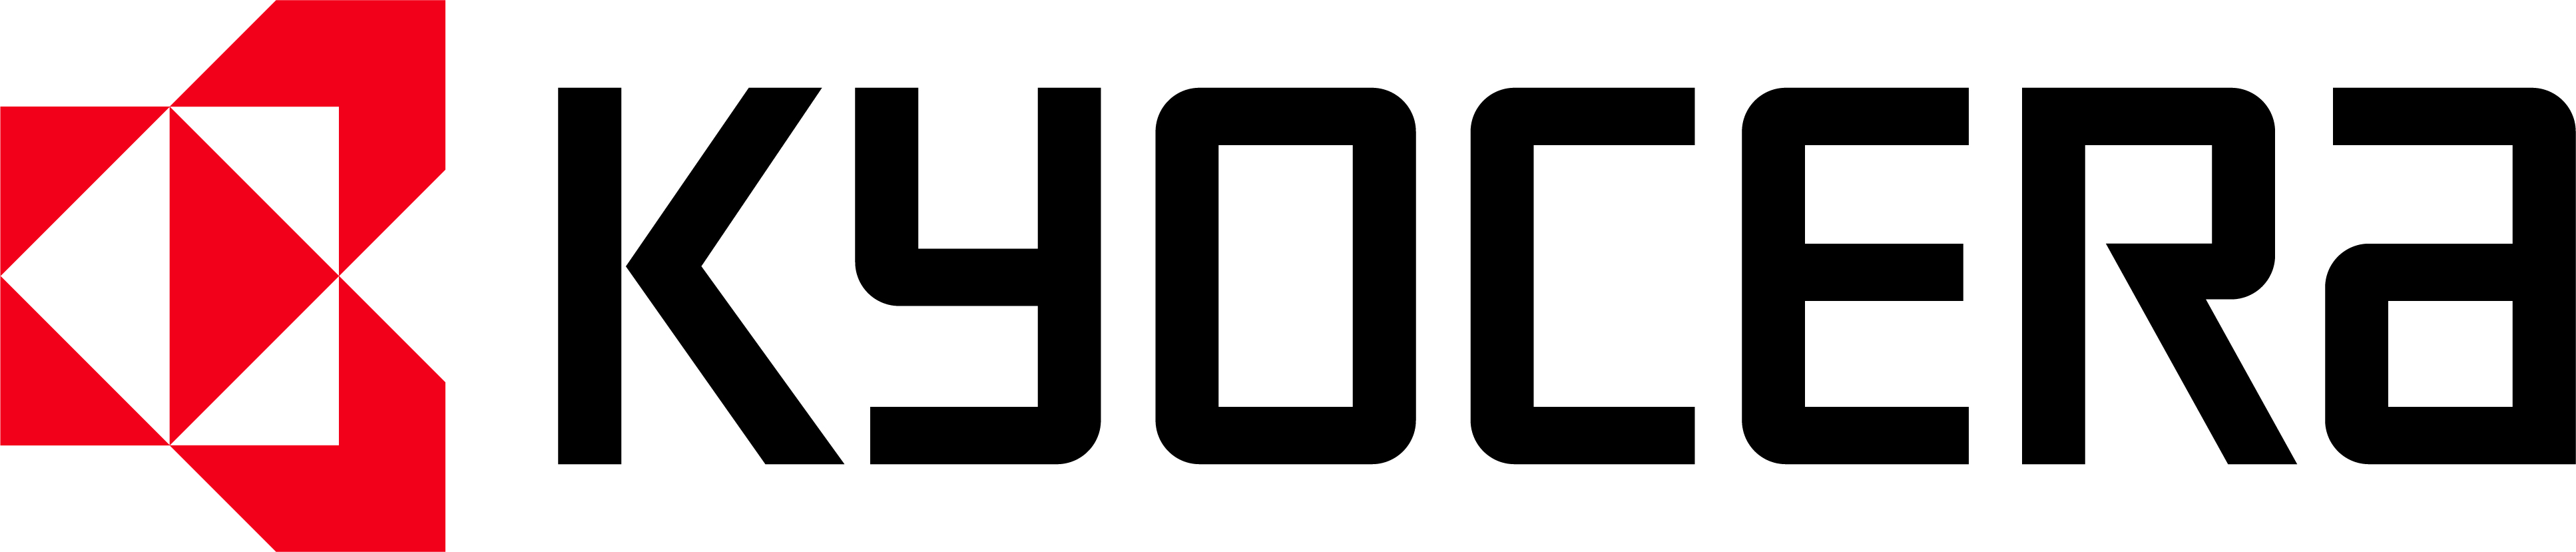 Kyocera cmyk logo positive